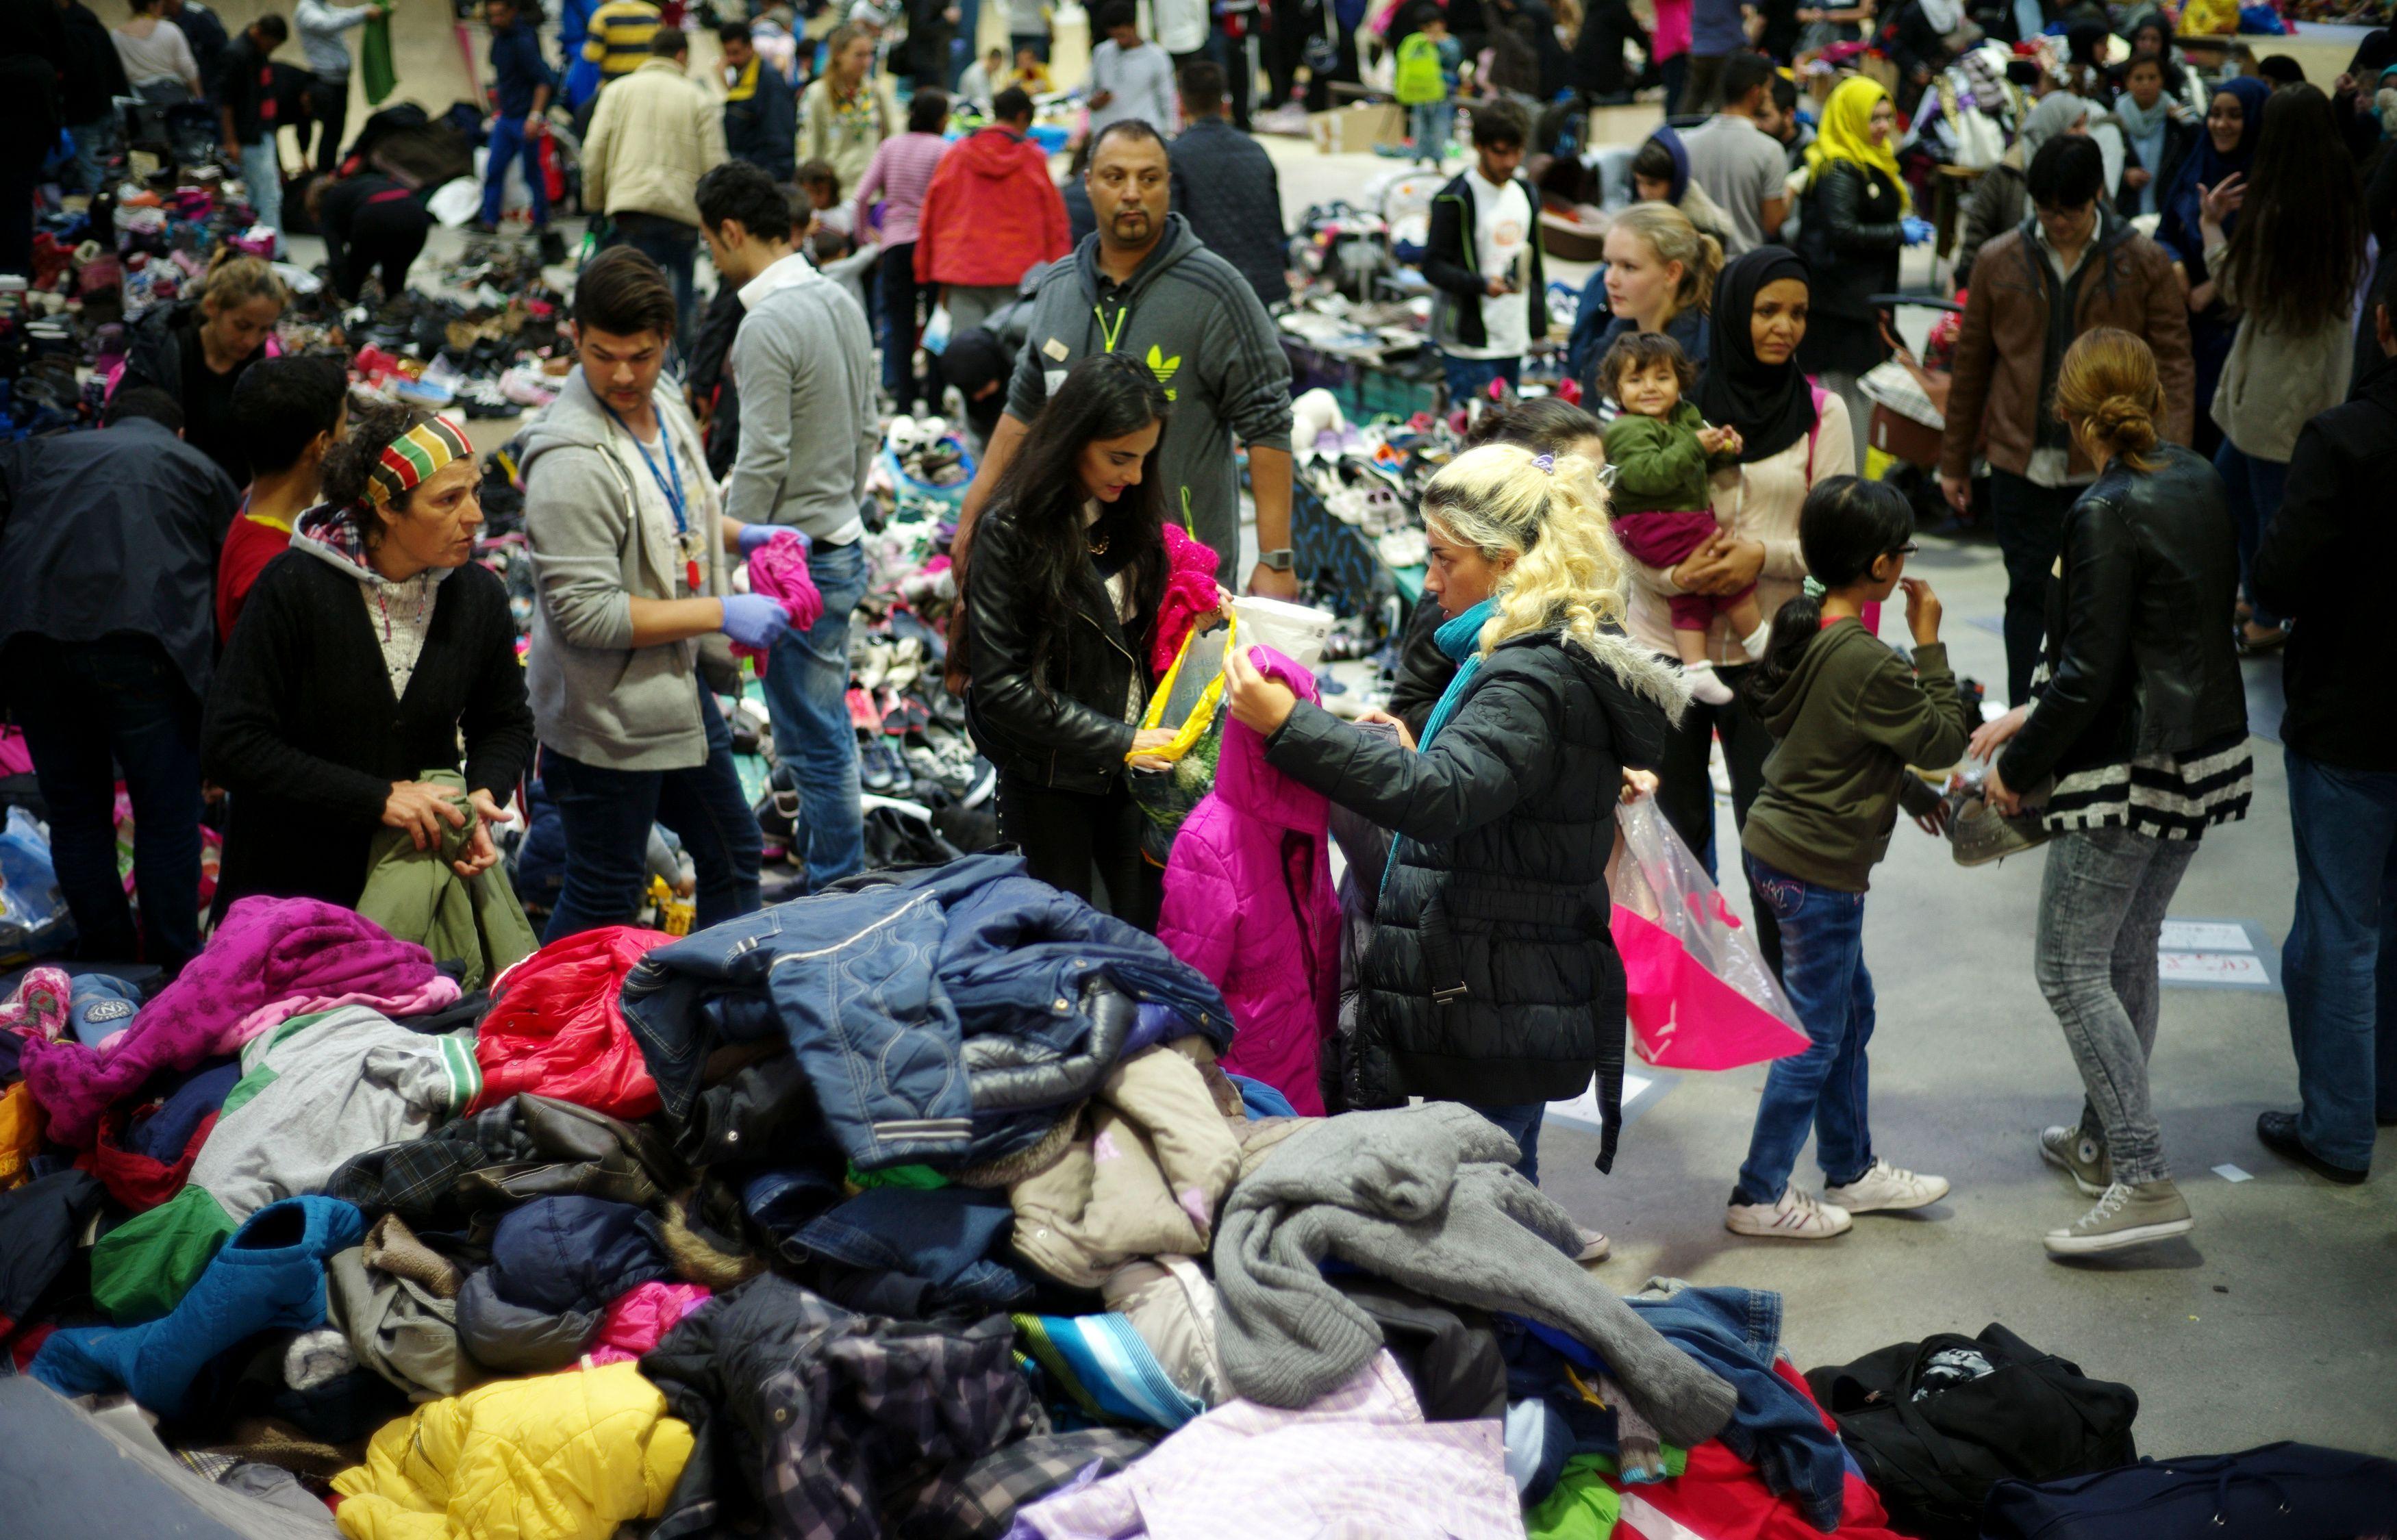 Allemagne : 69 000 infractions liées aux migrants, pour le premier quart 2016